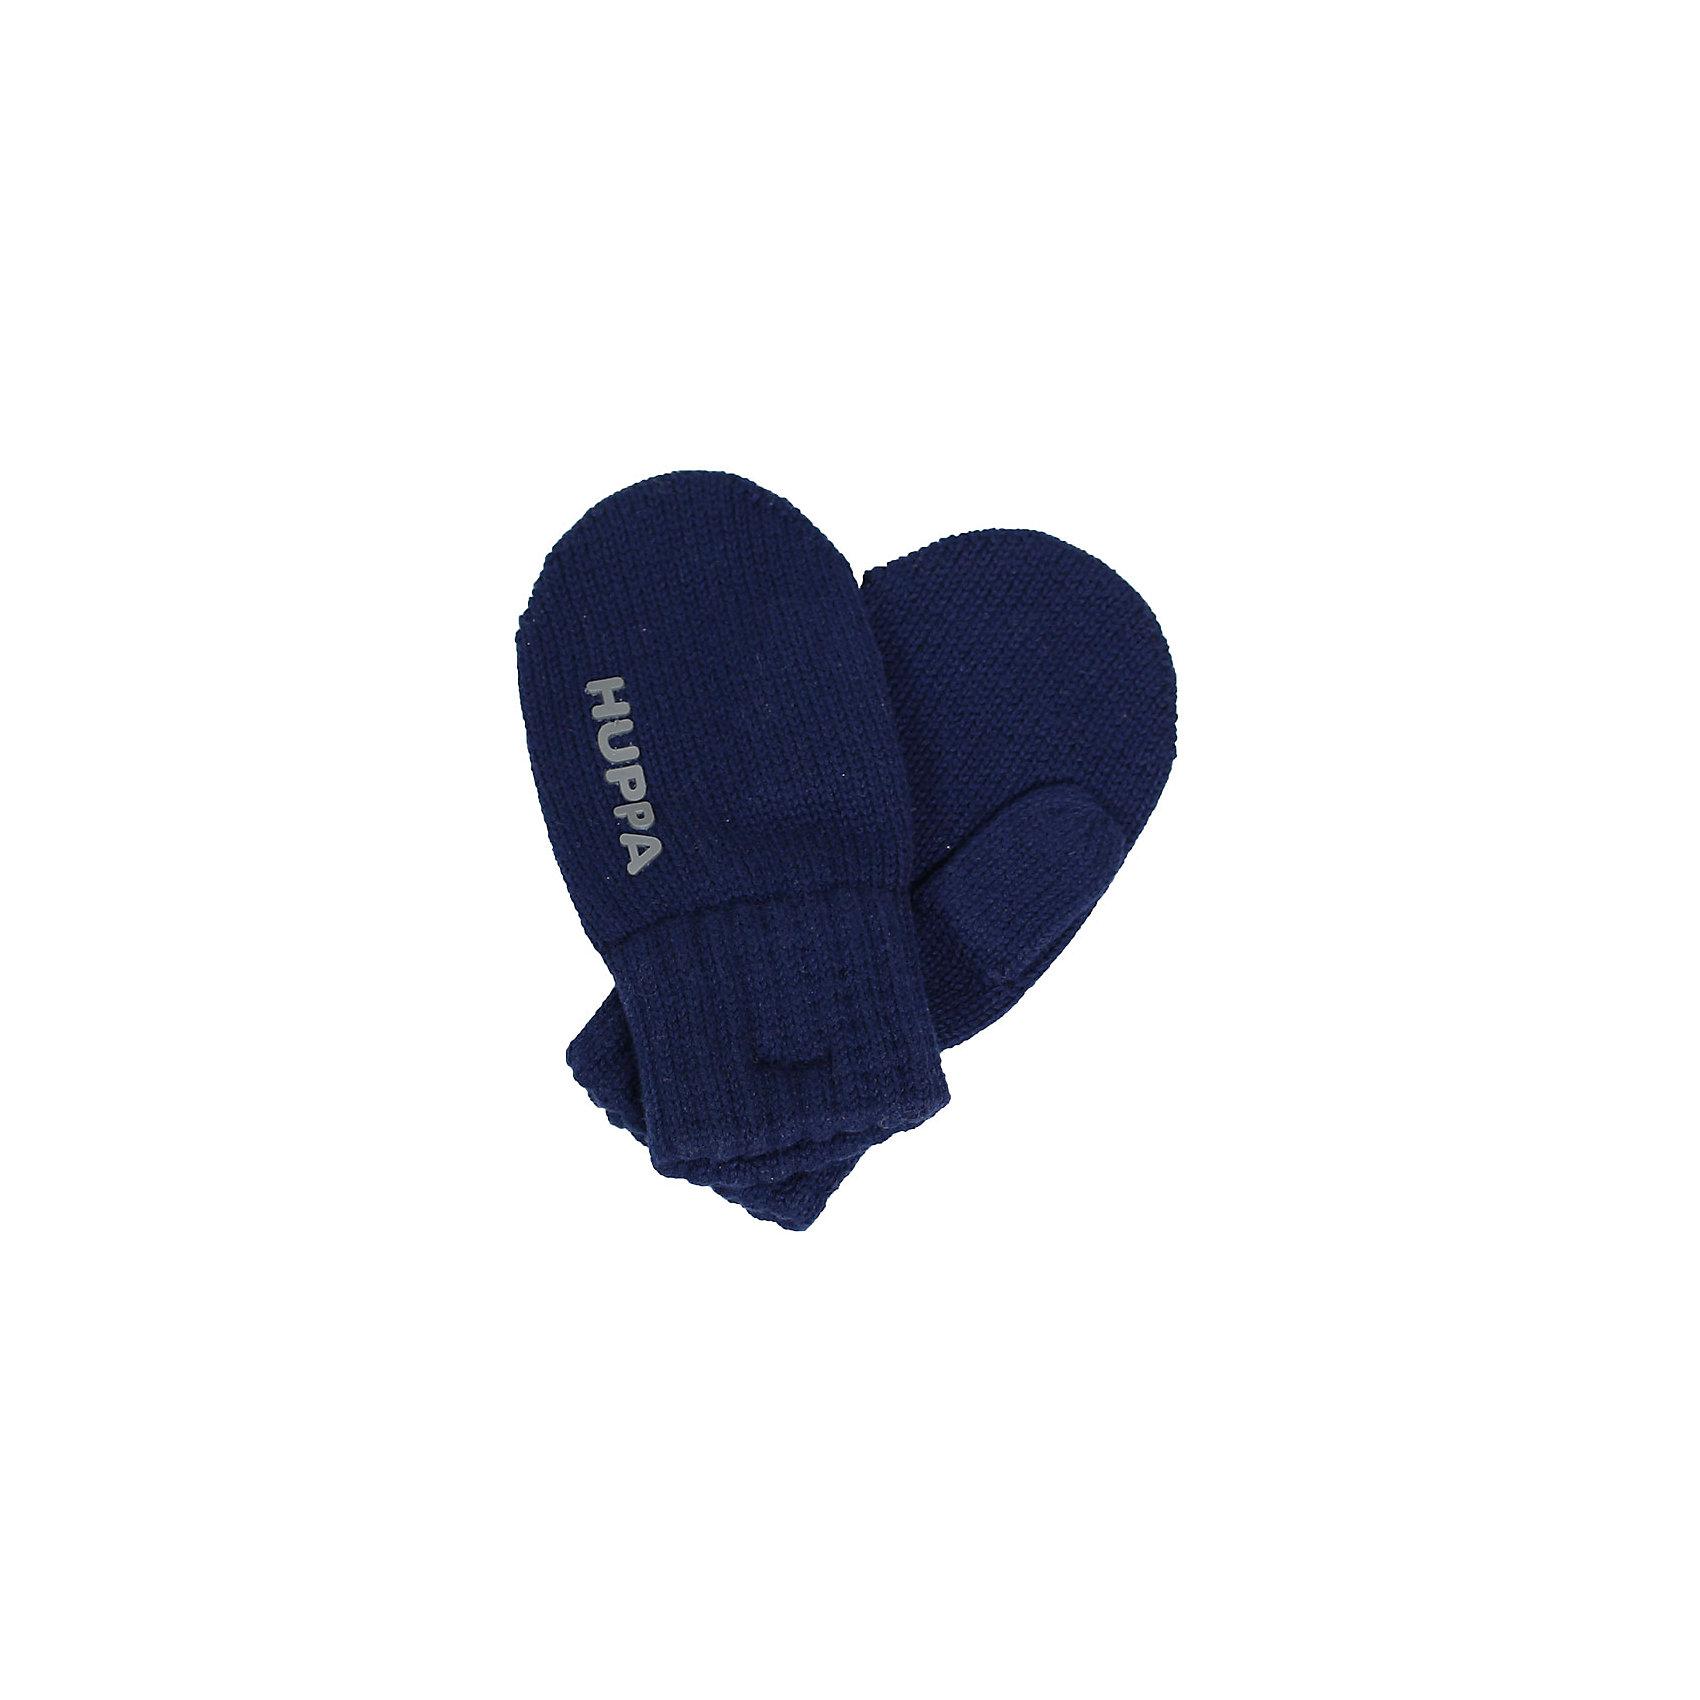 Варежки SKIPPY для мальчика HuppaПерчатки, варежки<br>Характеристики товара:<br><br>• цвет: тёмно-синий<br>• состав: 100% хлопок<br>• температурный режим: от 0°С до +10°С<br>• мягкая пряжа<br>• логотип<br>• широкая мягкая резинка<br>• комфортная посадка<br>• страна бренда: Эстония<br><br>Эти варежки обеспечат детям тепло и комфорт в межсезонье. Они сделаны из мягкого дышащего хлопкового материала, поэтому изделие идеально подходит для межсезонья. Варежки очень симпатично смотрятся. Модель была разработана специально для детей.<br><br>Одежда и обувь от популярного эстонского бренда Huppa - отличный вариант одеть ребенка можно и комфортно. Вещи, выпускаемые компанией, качественные, продуманные и очень удобные. Для производства изделий используются только безопасные для детей материалы. Продукция от Huppa порадует и детей, и их родителей!<br><br>Варежки SKIPPY от бренда Huppa (Хуппа) можно купить в нашем интернет-магазине.<br><br>Ширина мм: 162<br>Глубина мм: 171<br>Высота мм: 55<br>Вес г: 119<br>Цвет: синий<br>Возраст от месяцев: 0<br>Возраст до месяцев: 12<br>Пол: Мужской<br>Возраст: Детский<br>Размер: 0,4,3,2,1<br>SKU: 5347984